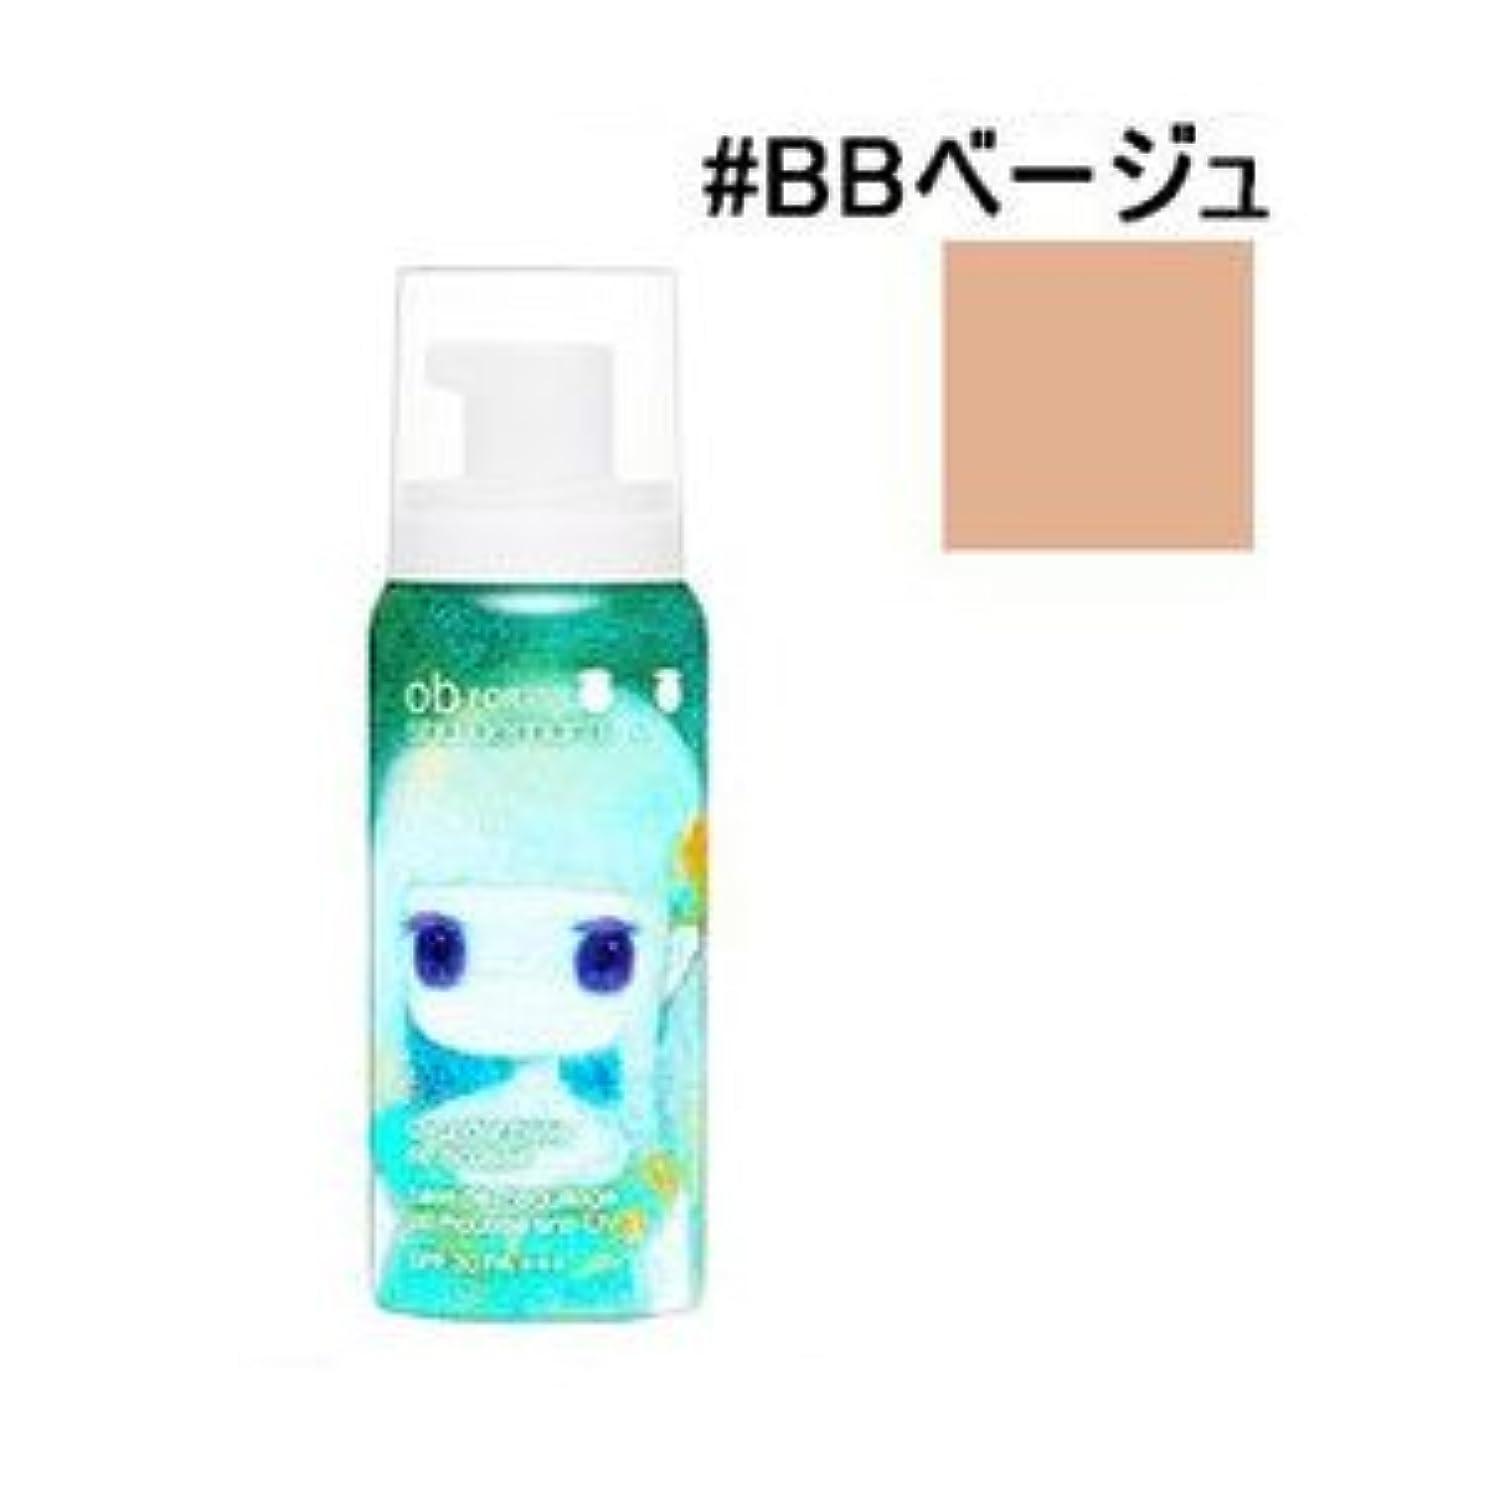 ダブル隠すメナジェリーshu uemura シュウ ウエムラ<br>UV アンダー ベース ムース #BB beige<br>SPF 30 ? PA+++<br>65g [並行輸入品]